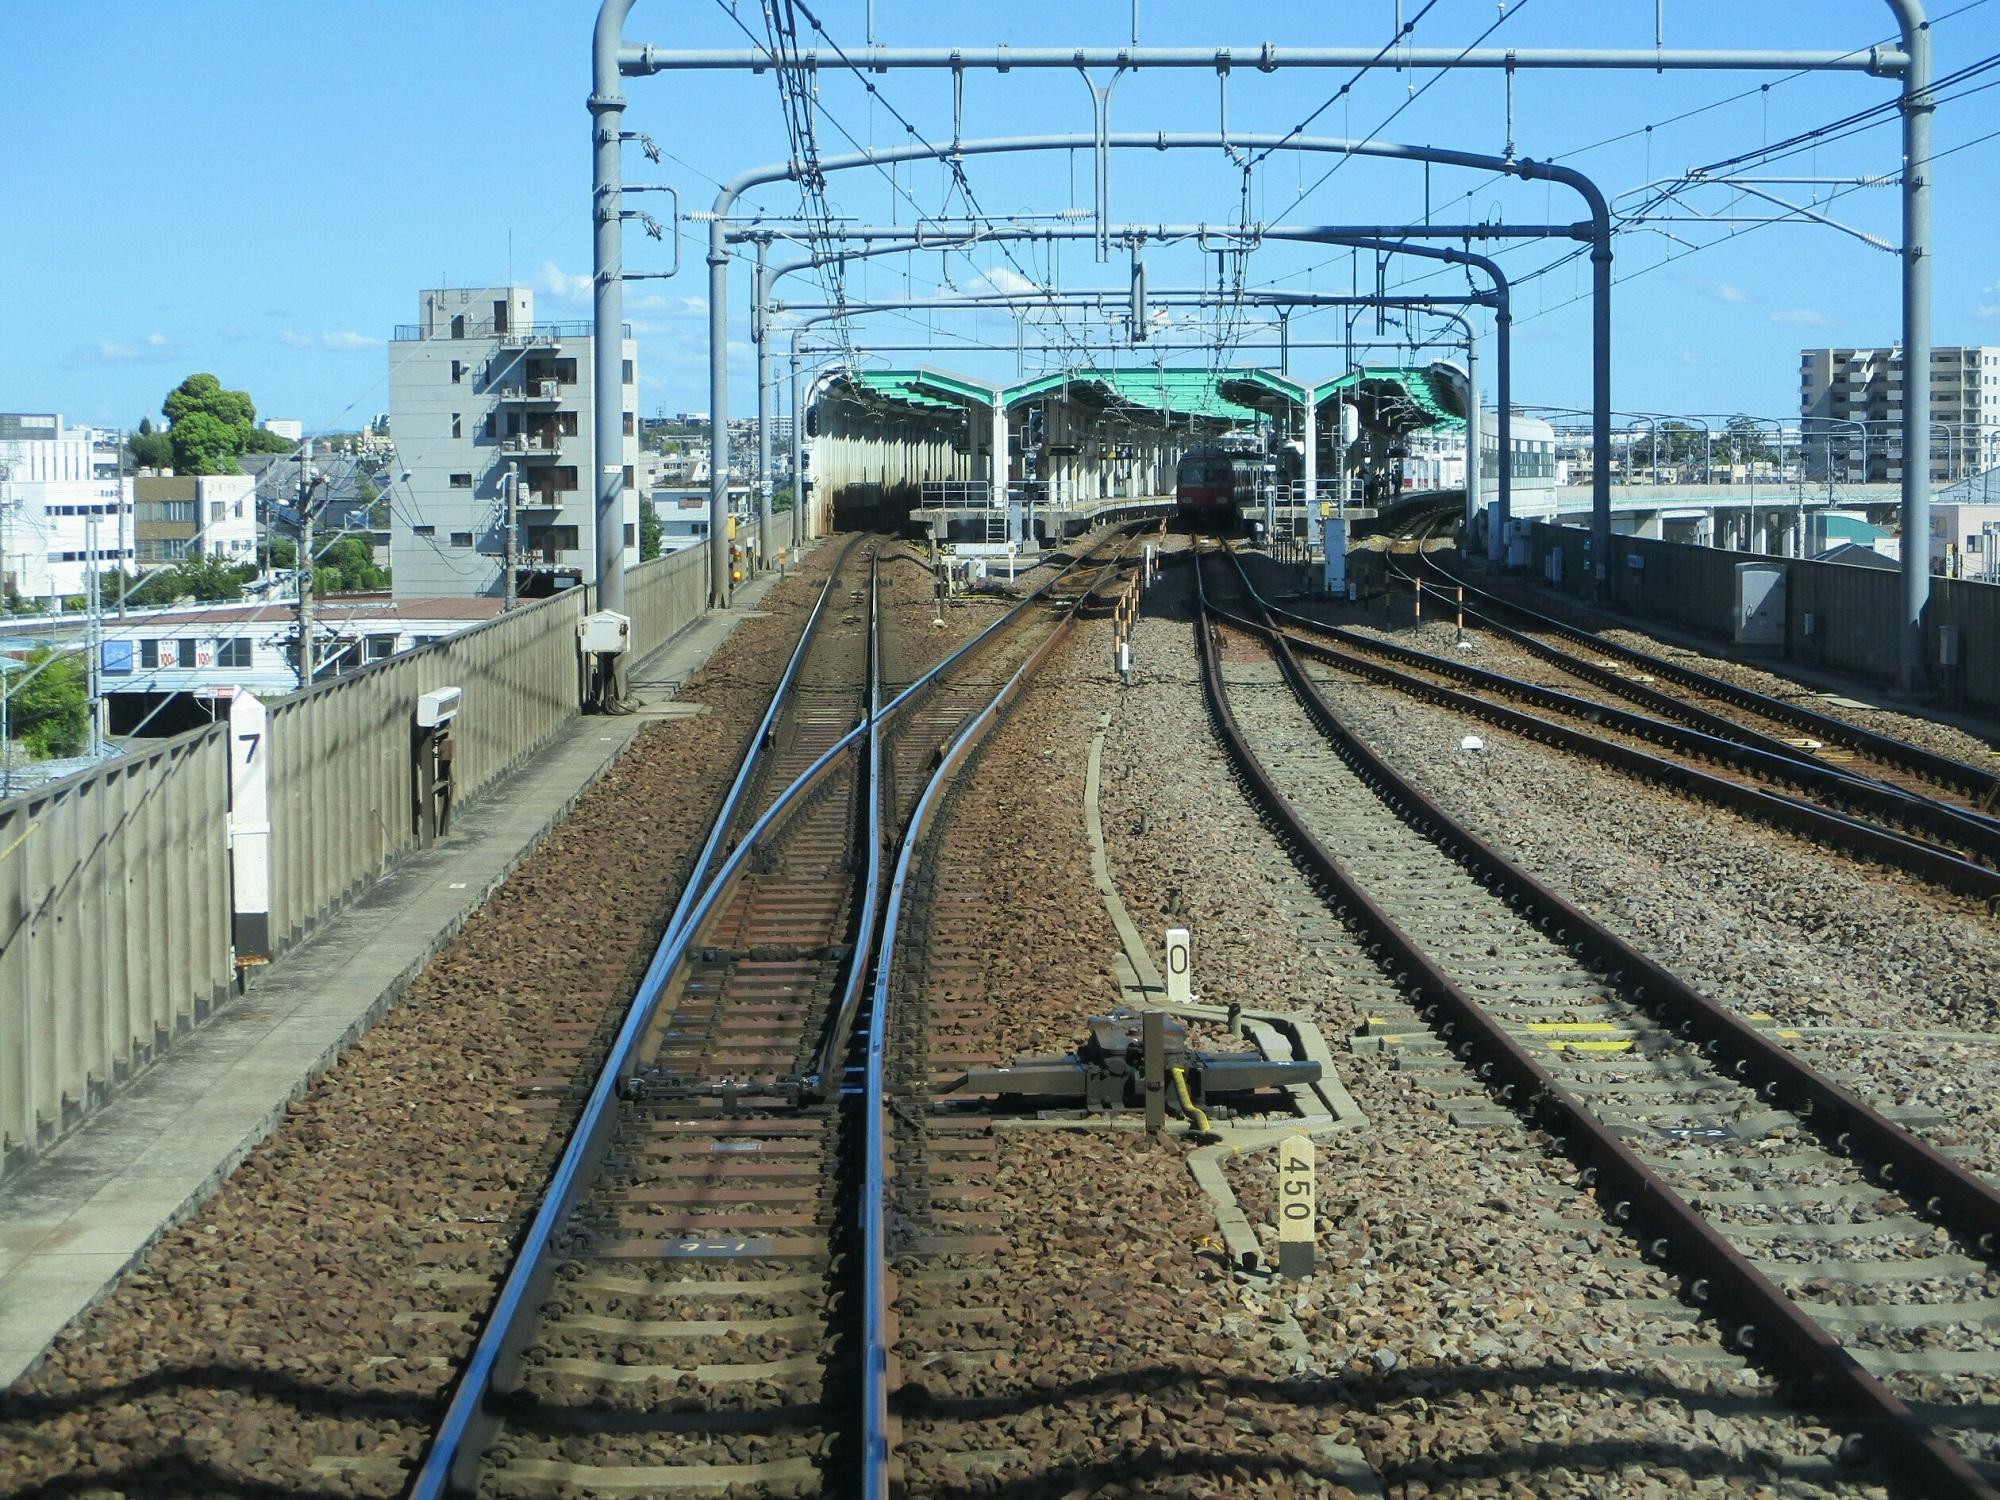 2018.8.22 (15) 東岡崎いきふつう - 鳴海 2000-1500